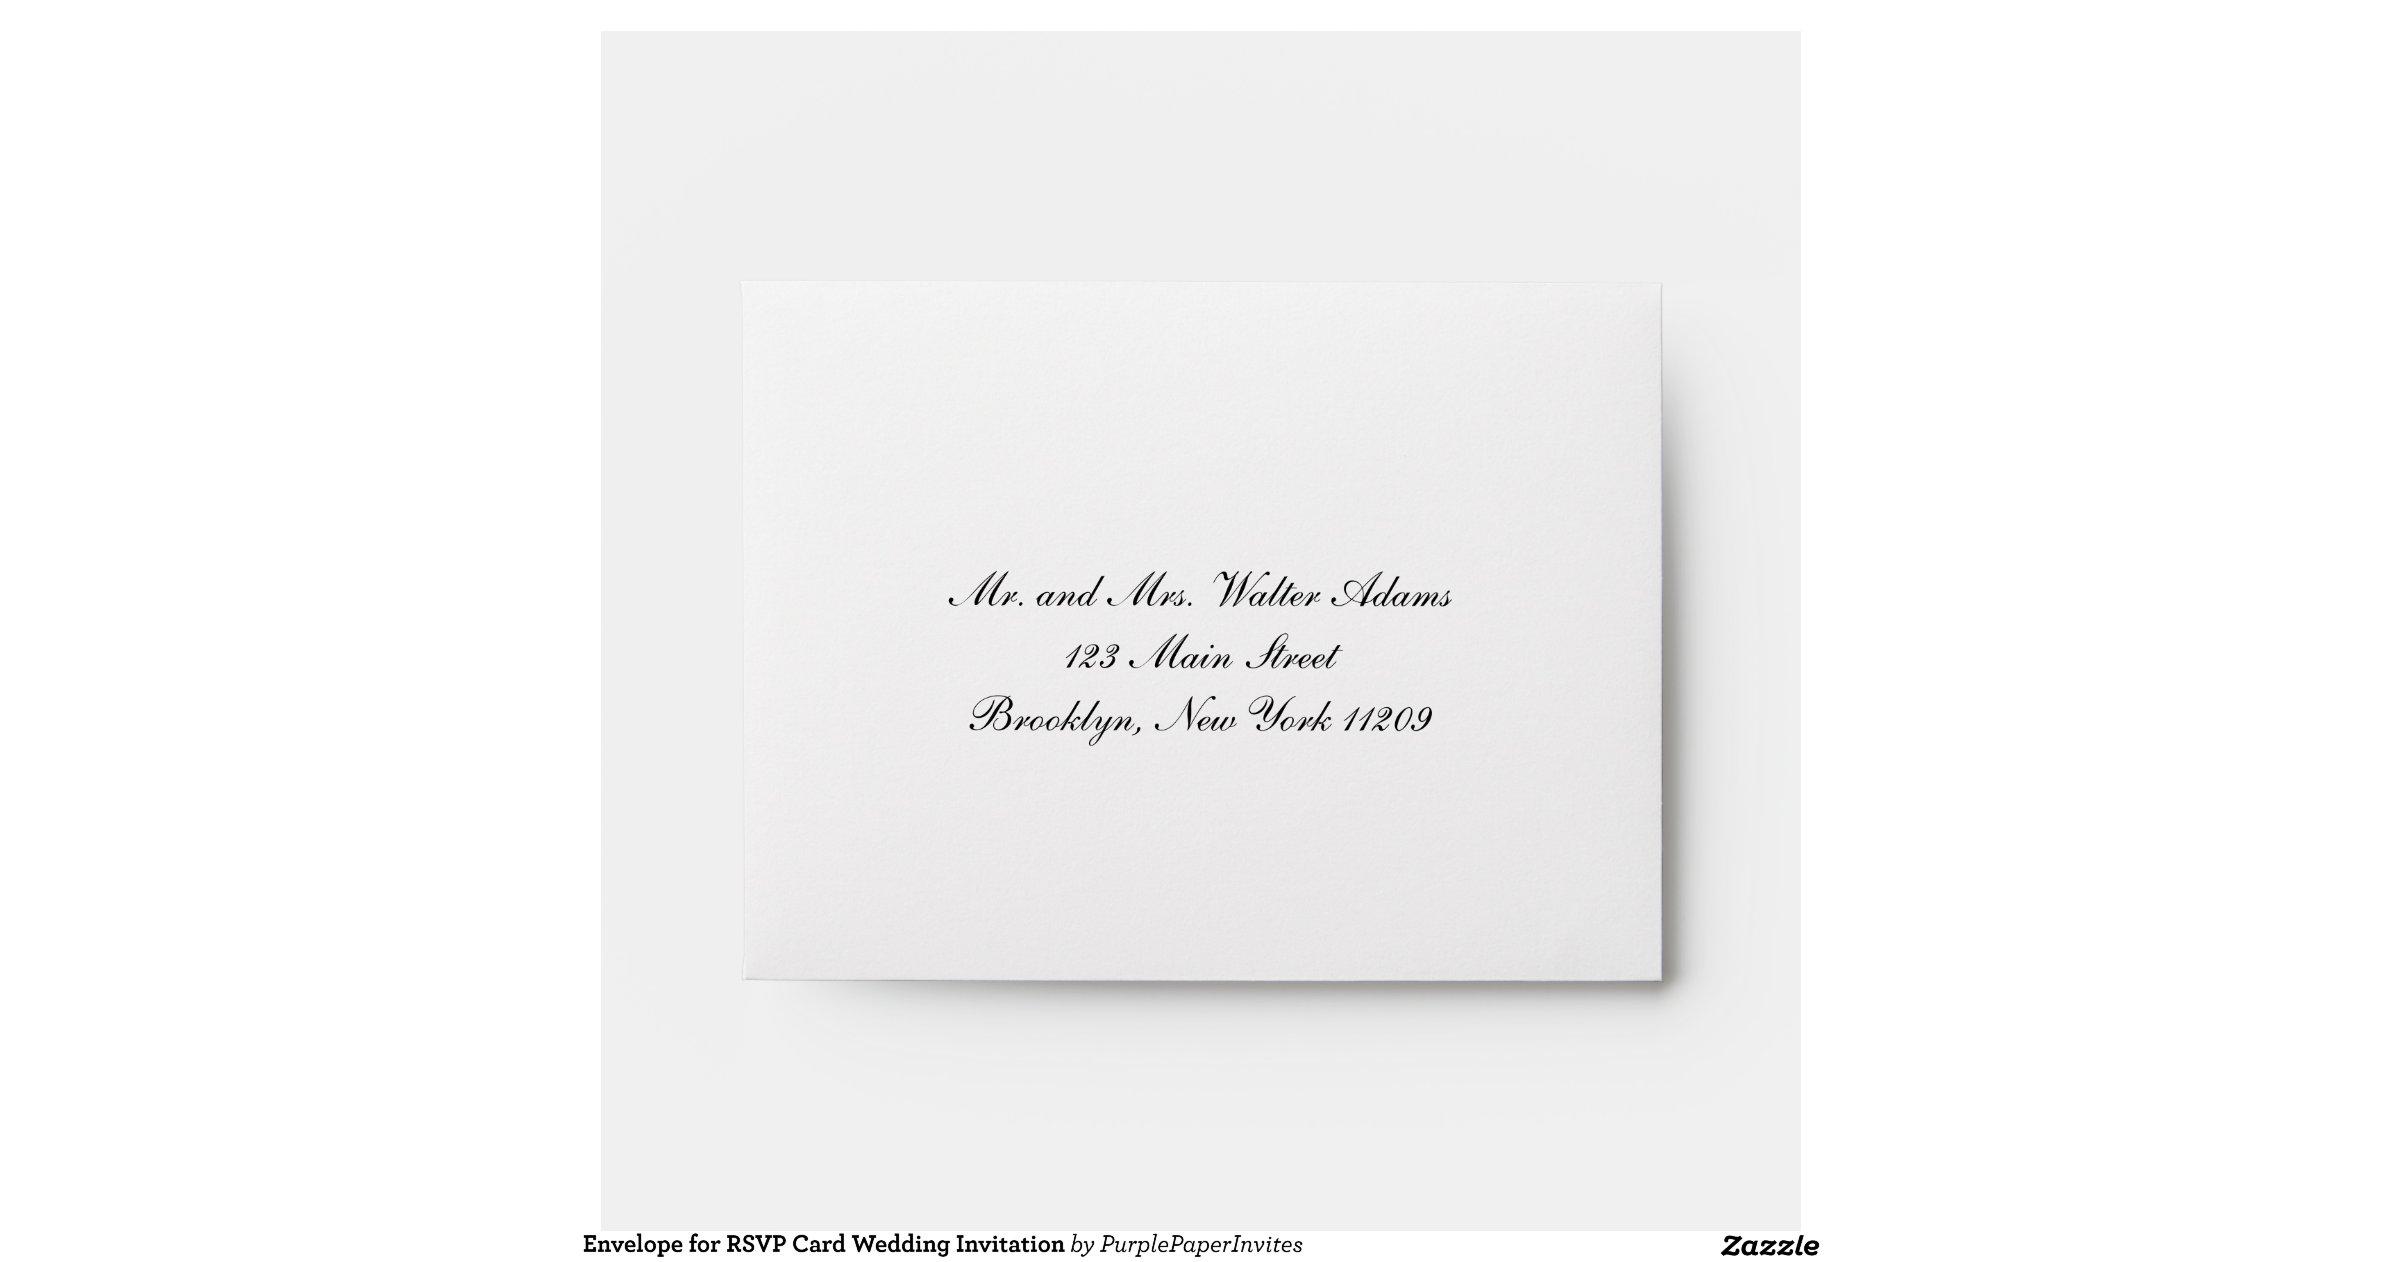 rsvp card envelope template - 28 images - gold or silver foil ...